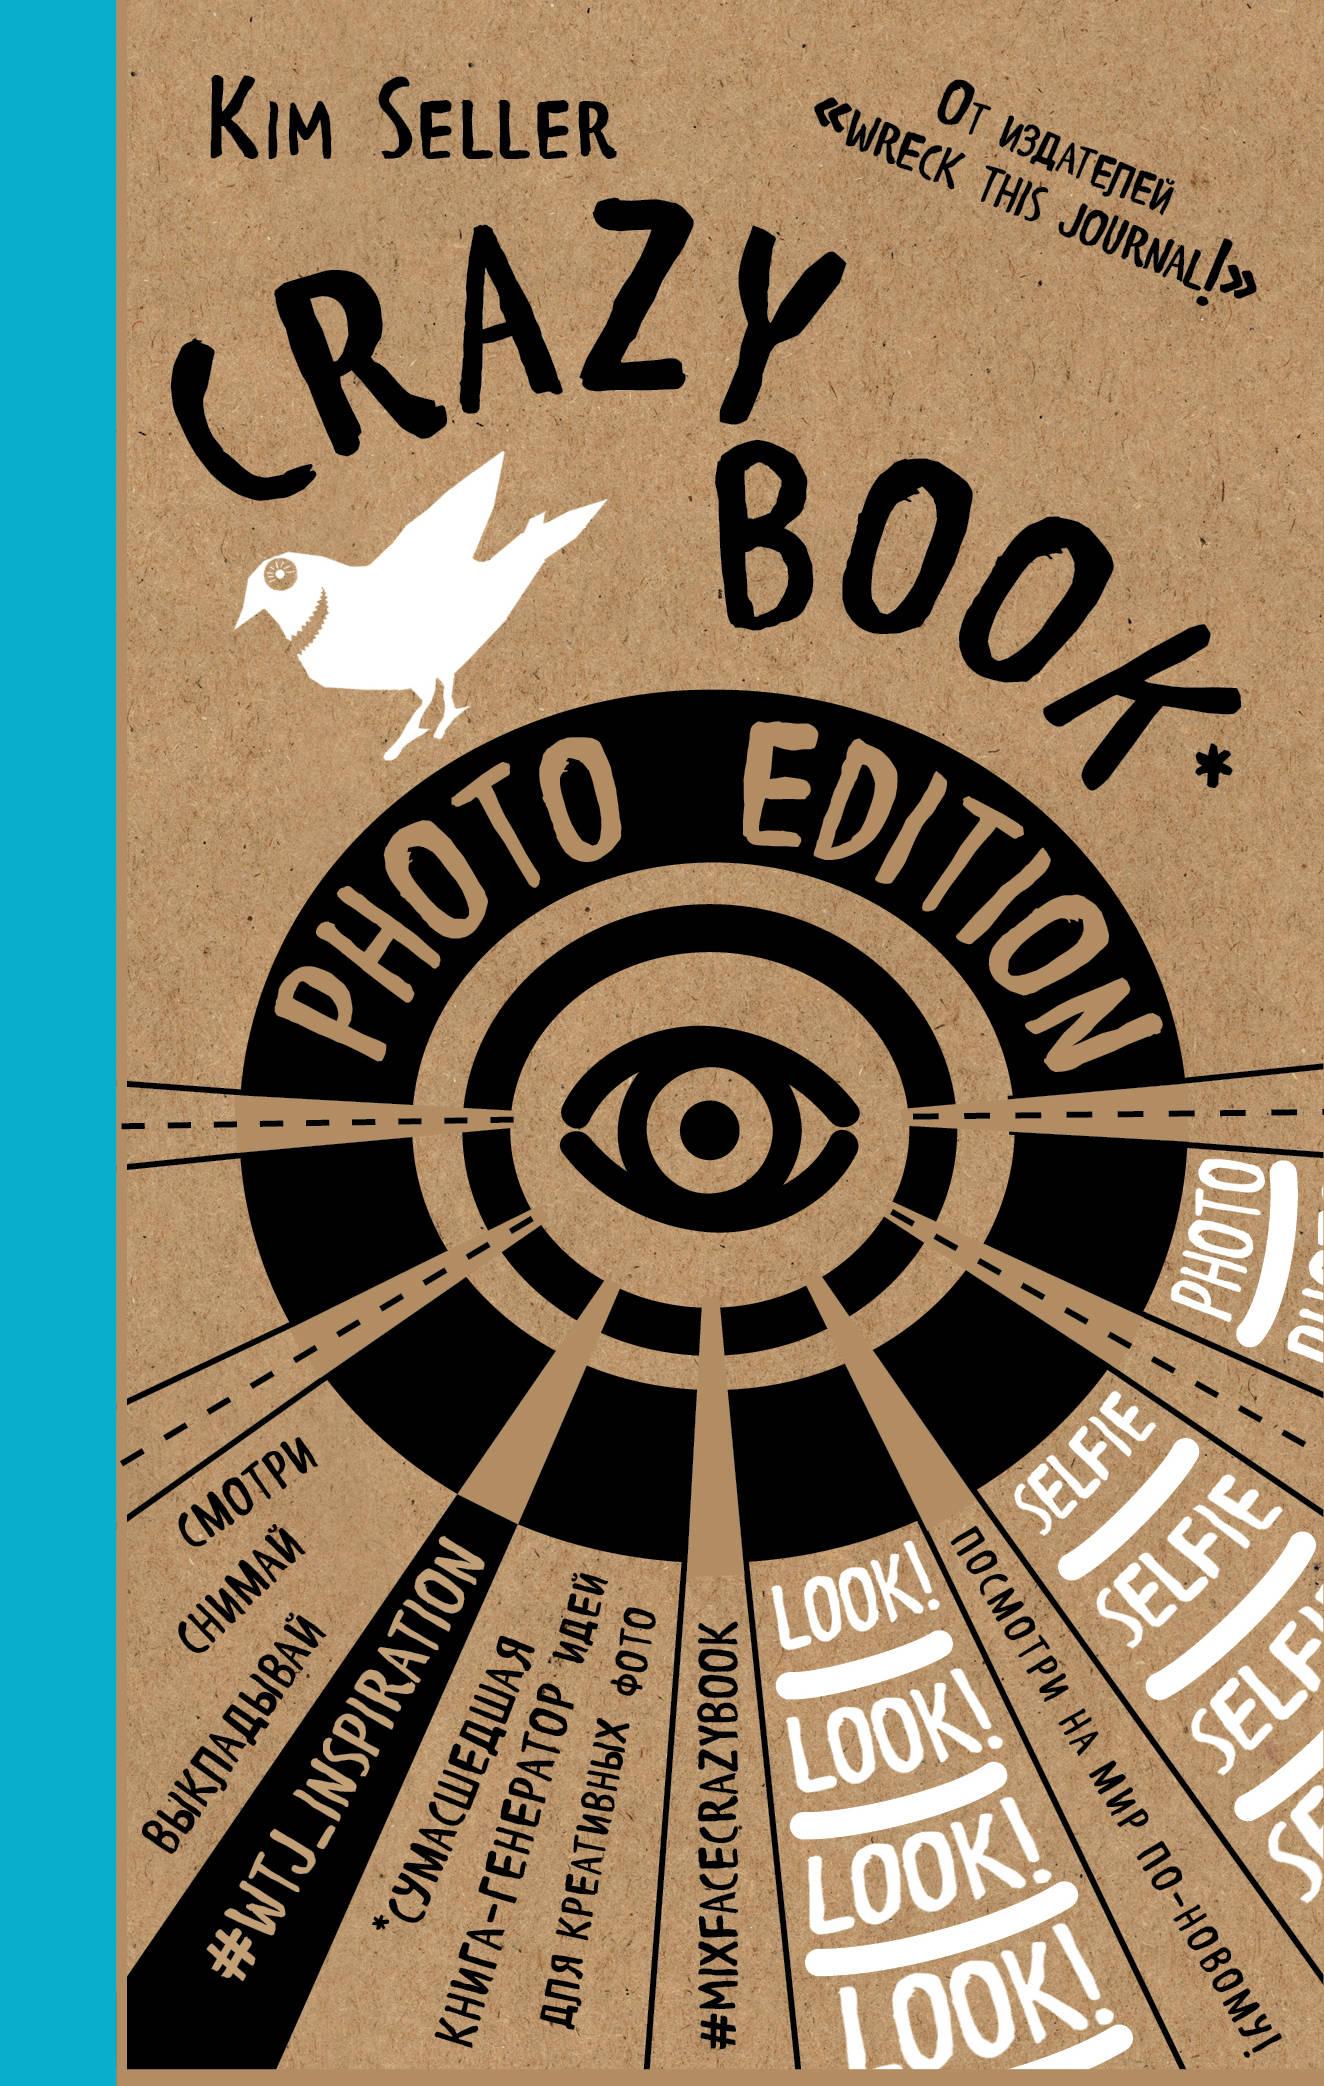 Купить со скидкой Crazy book. Photo edition. Сумасшедшая книга-генератор идей для креативных фото (крафтовая обложка)